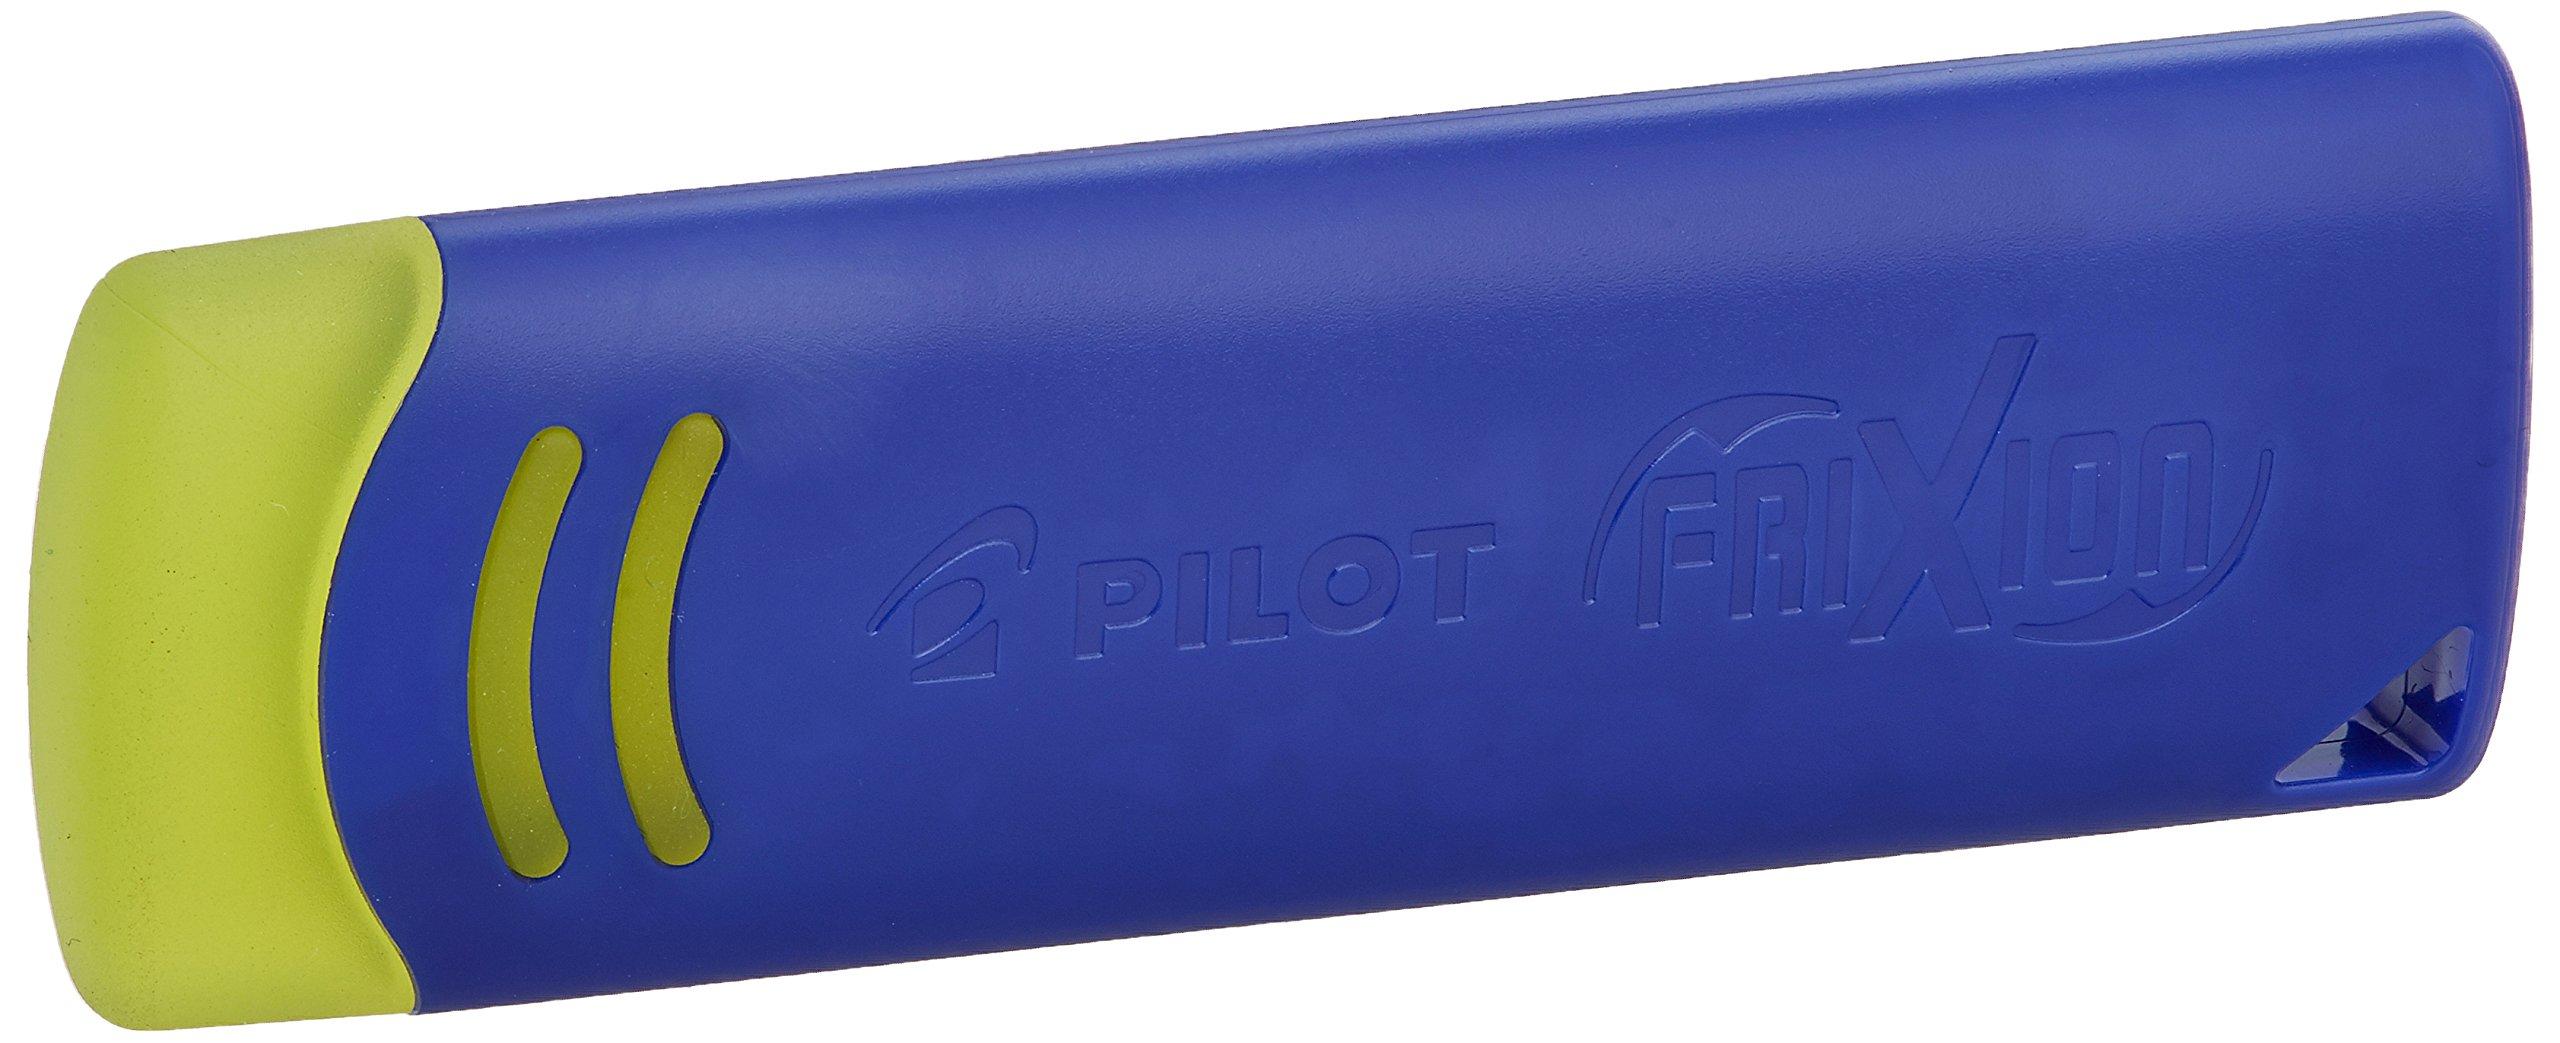 Pilot Eraser for Frxion Dry Erase Marker (ELF02-10-L)